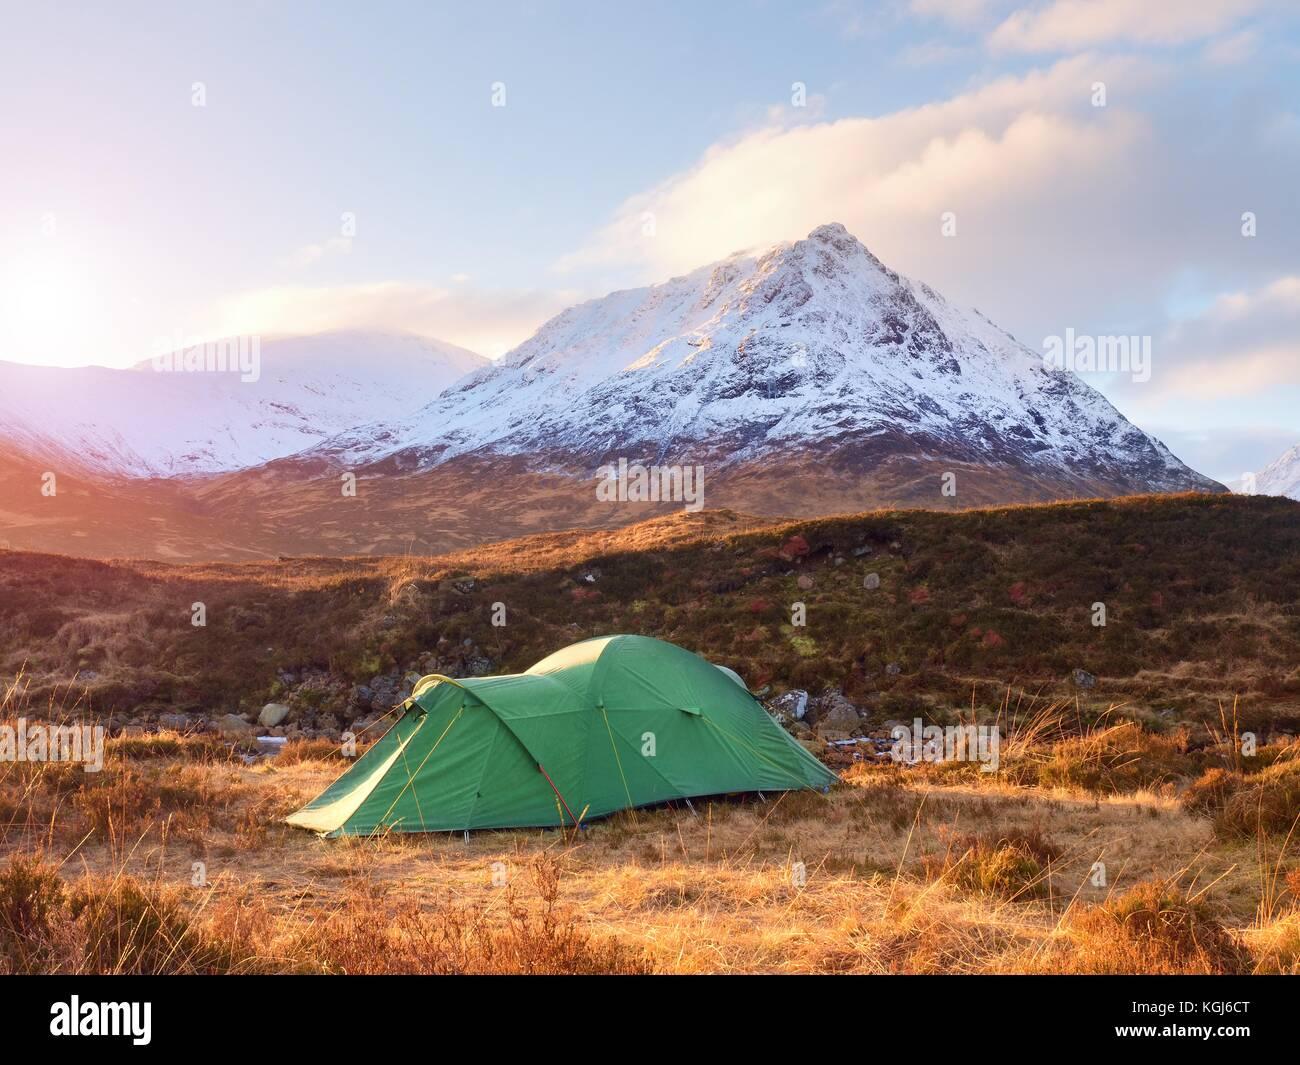 Verde tenda turistica sul prato di fiume sotto il cono nevoso di montagna Dearg Stob 1021 metri di altezza. Higland Immagini Stock